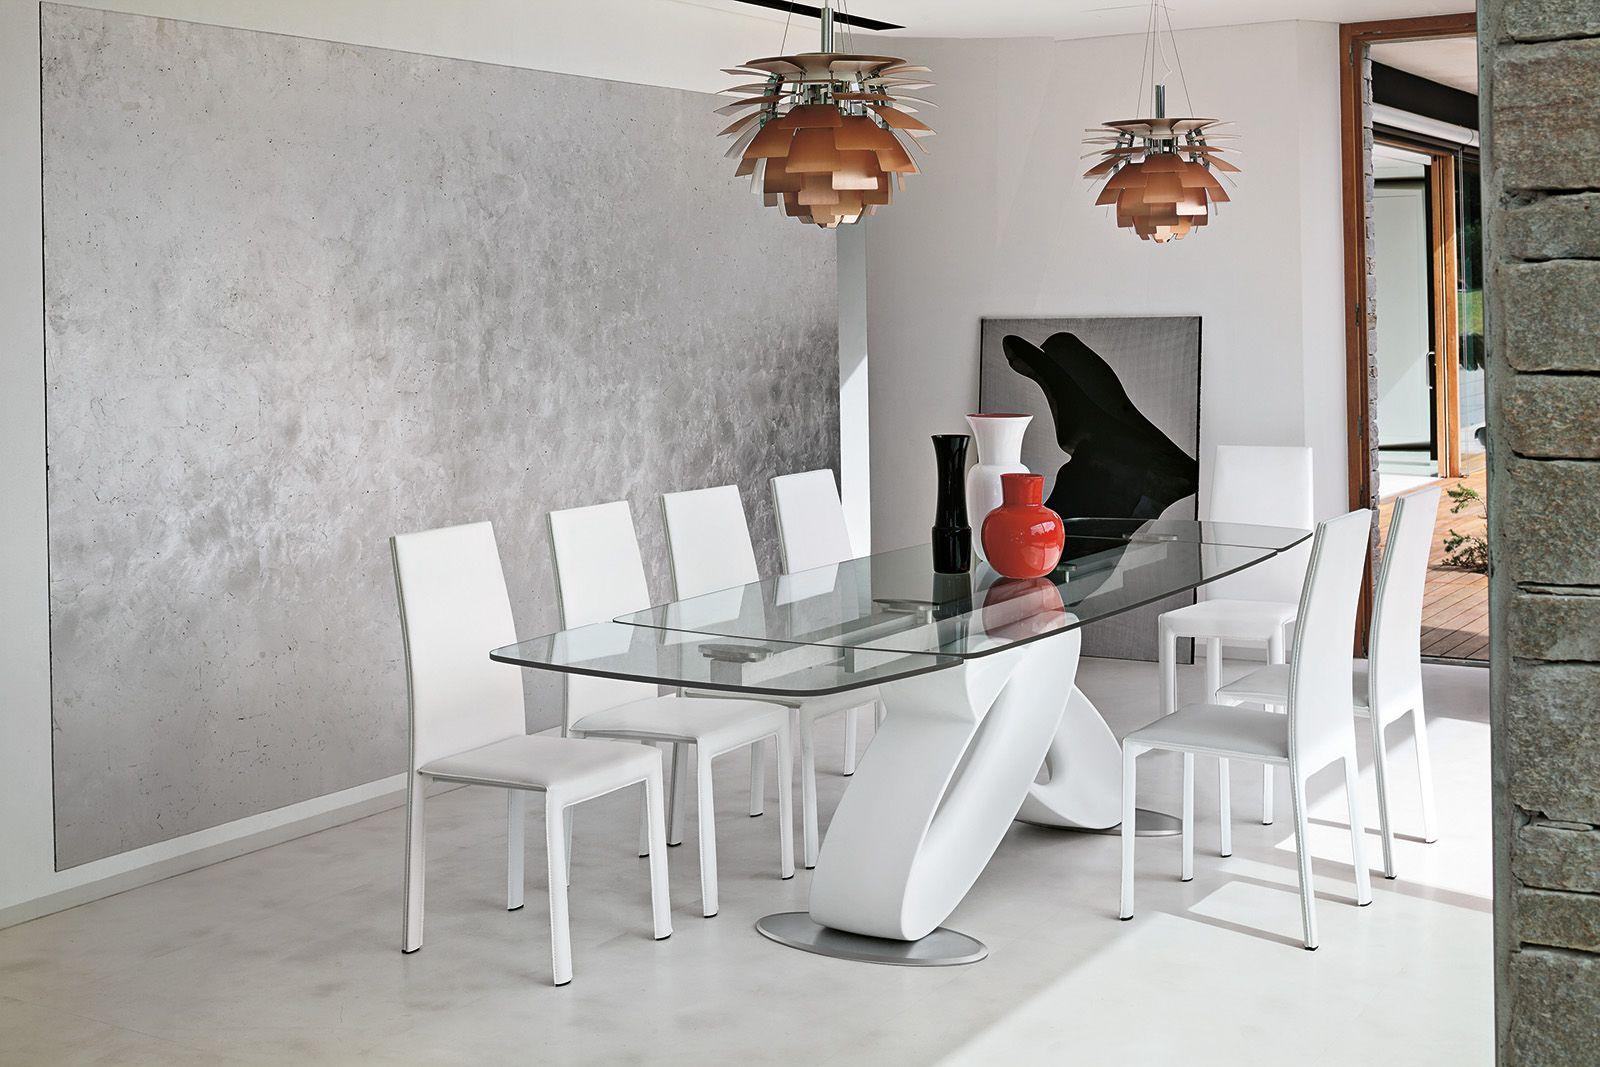 Tavoli: piano in vetro, gambe protagoniste | Tavoli - cristallo ...